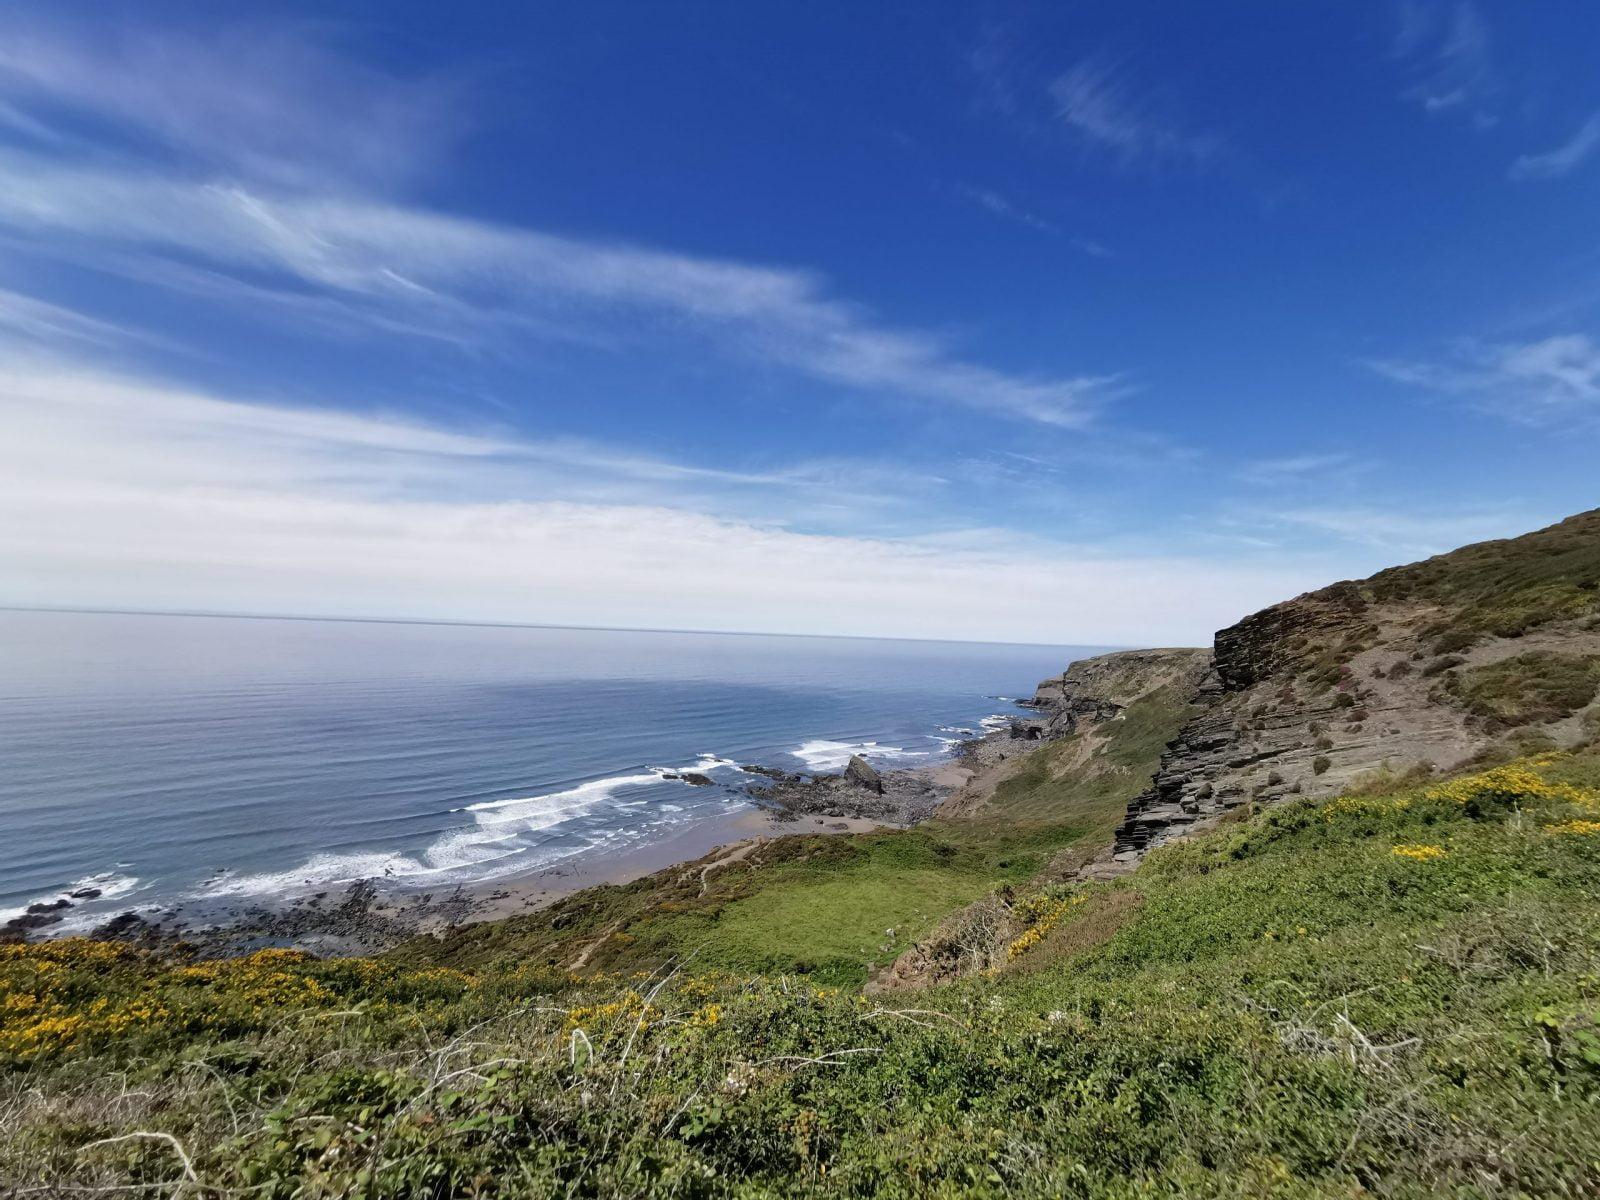 The Strangles Beach & Trail: A Hidden & Quiet Beach in Cornwall 8